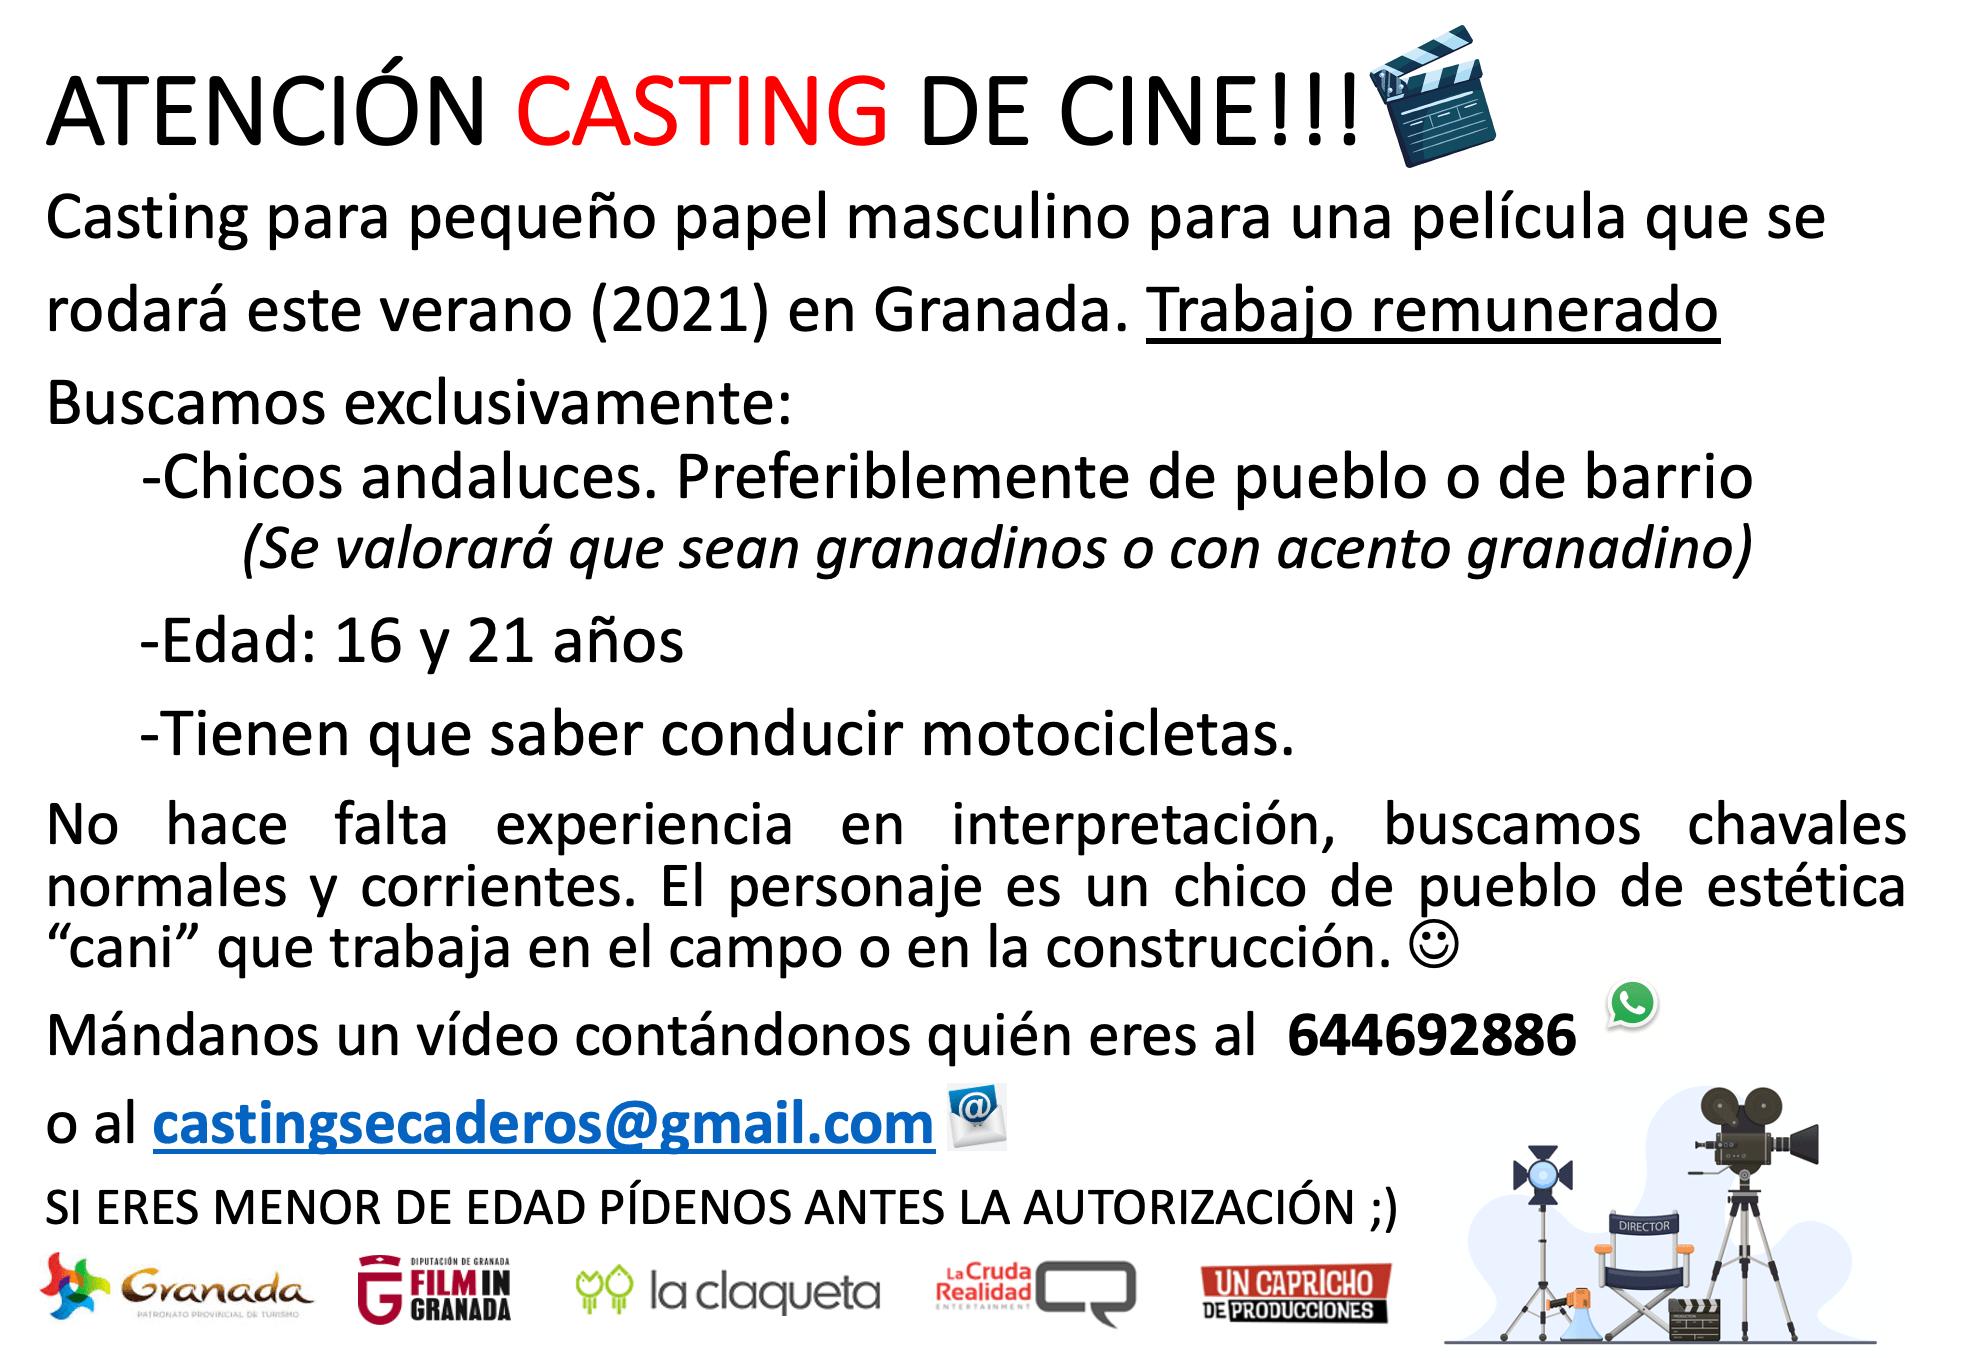 Chico andaluz de 16 a 21 años, que sepa conducir en motocicleta, para rodaje Largometraje en Granada